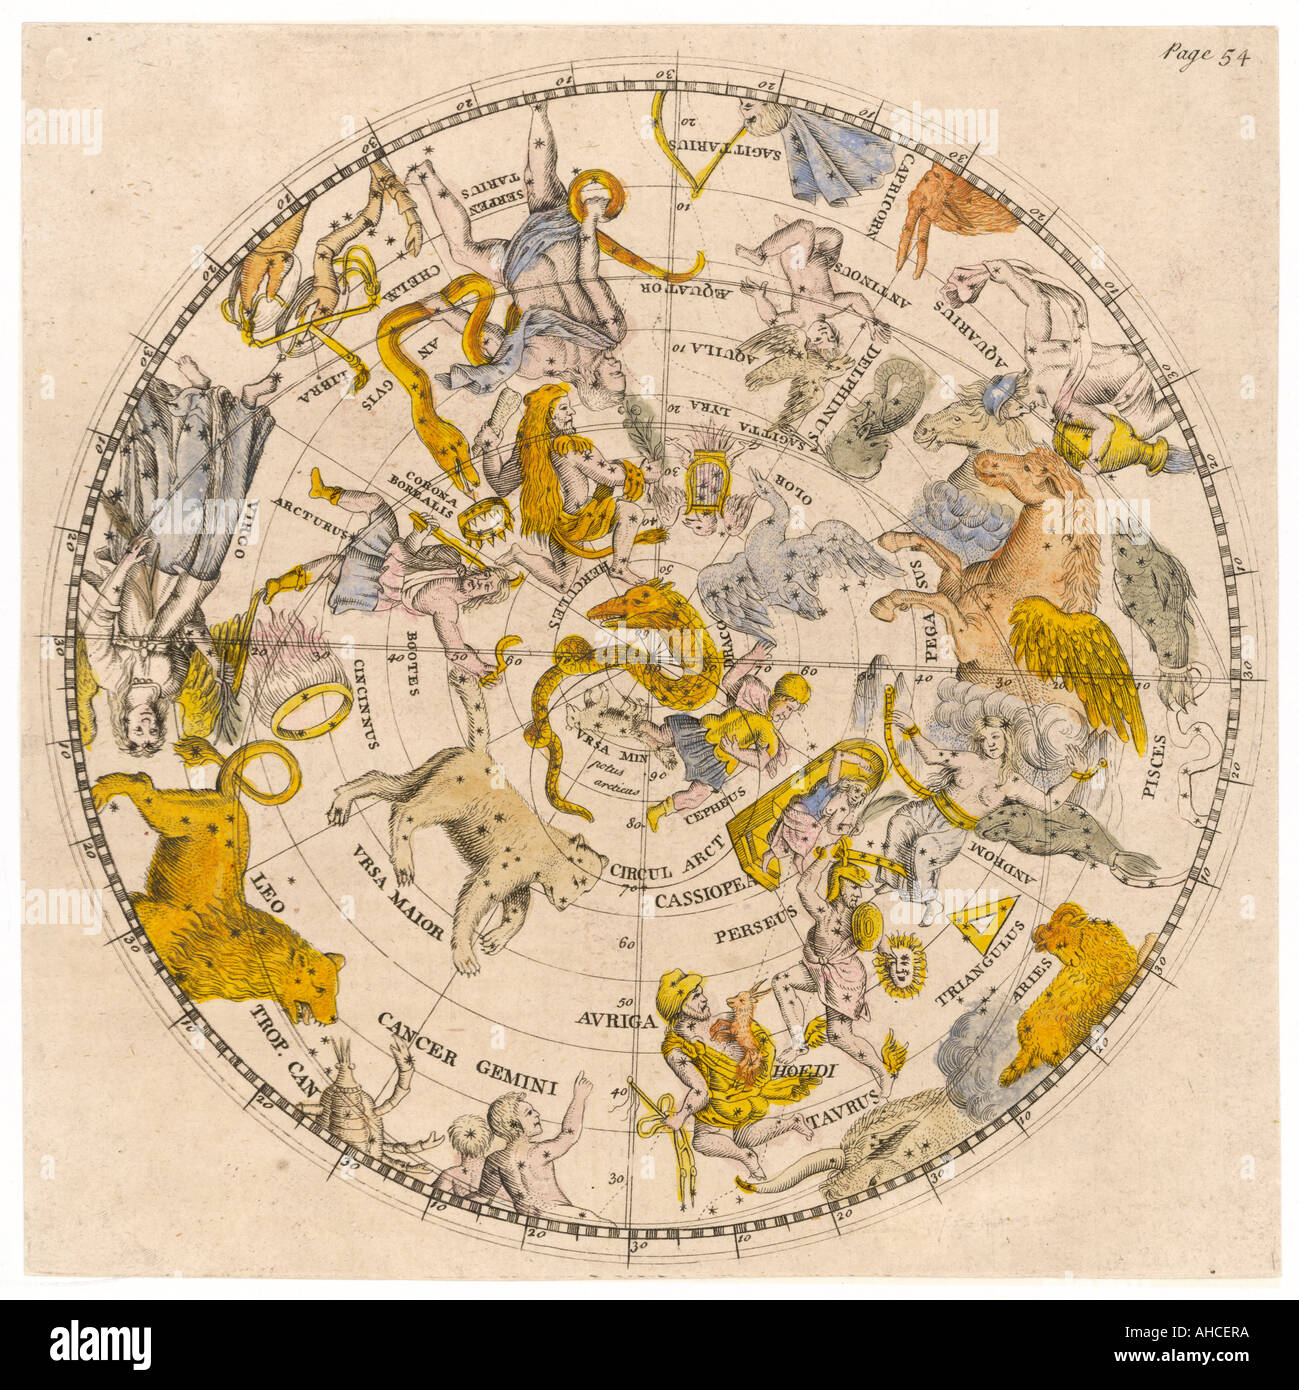 Zodiac Star Map 1805 Stock Photo: 8246009   Alamy